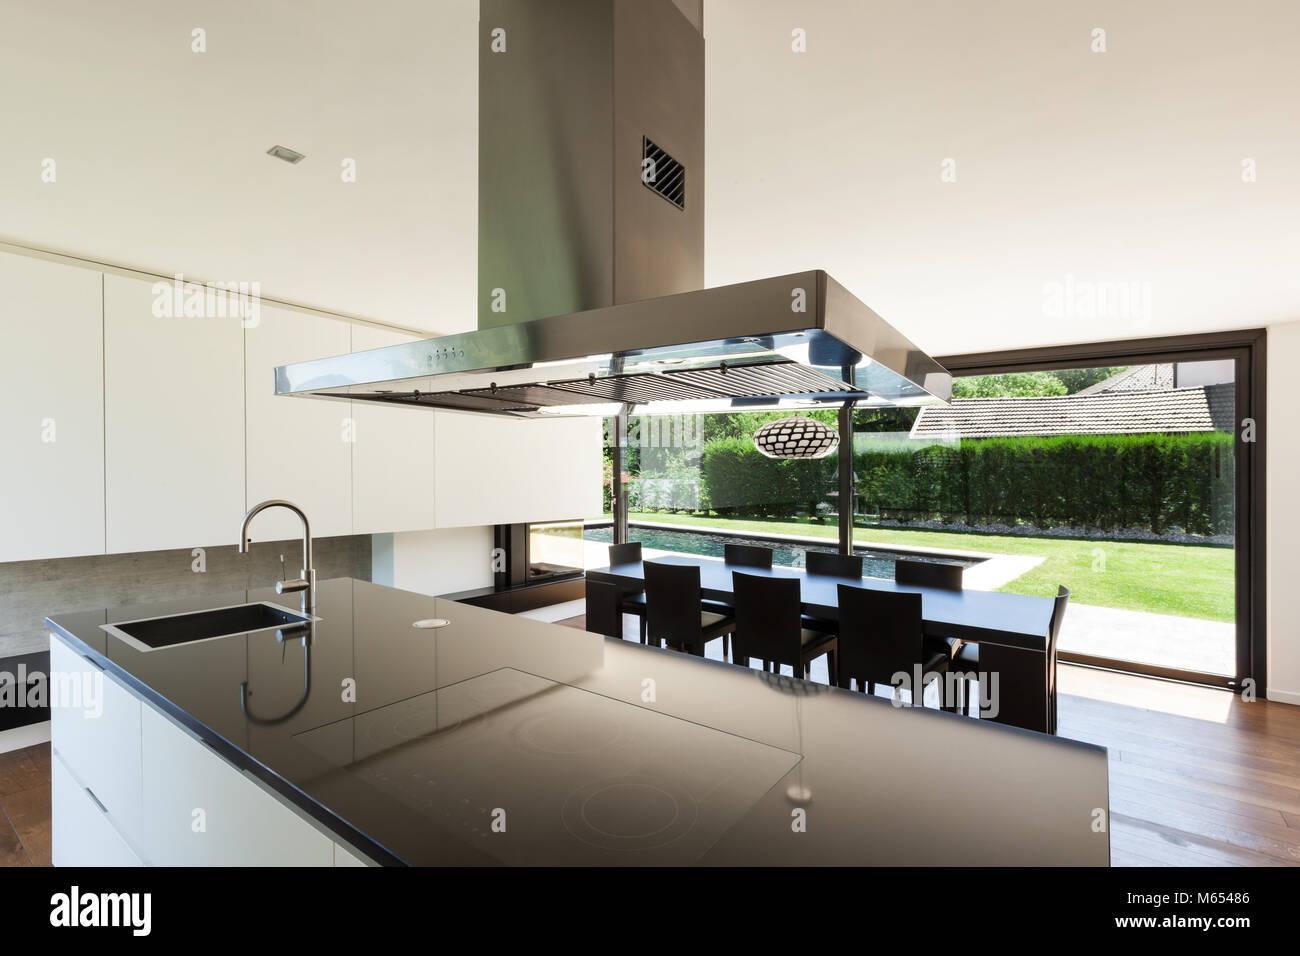 Moderne Villa, Interieur, schöne Küche Stockfoto, Bild: 175904742 ...